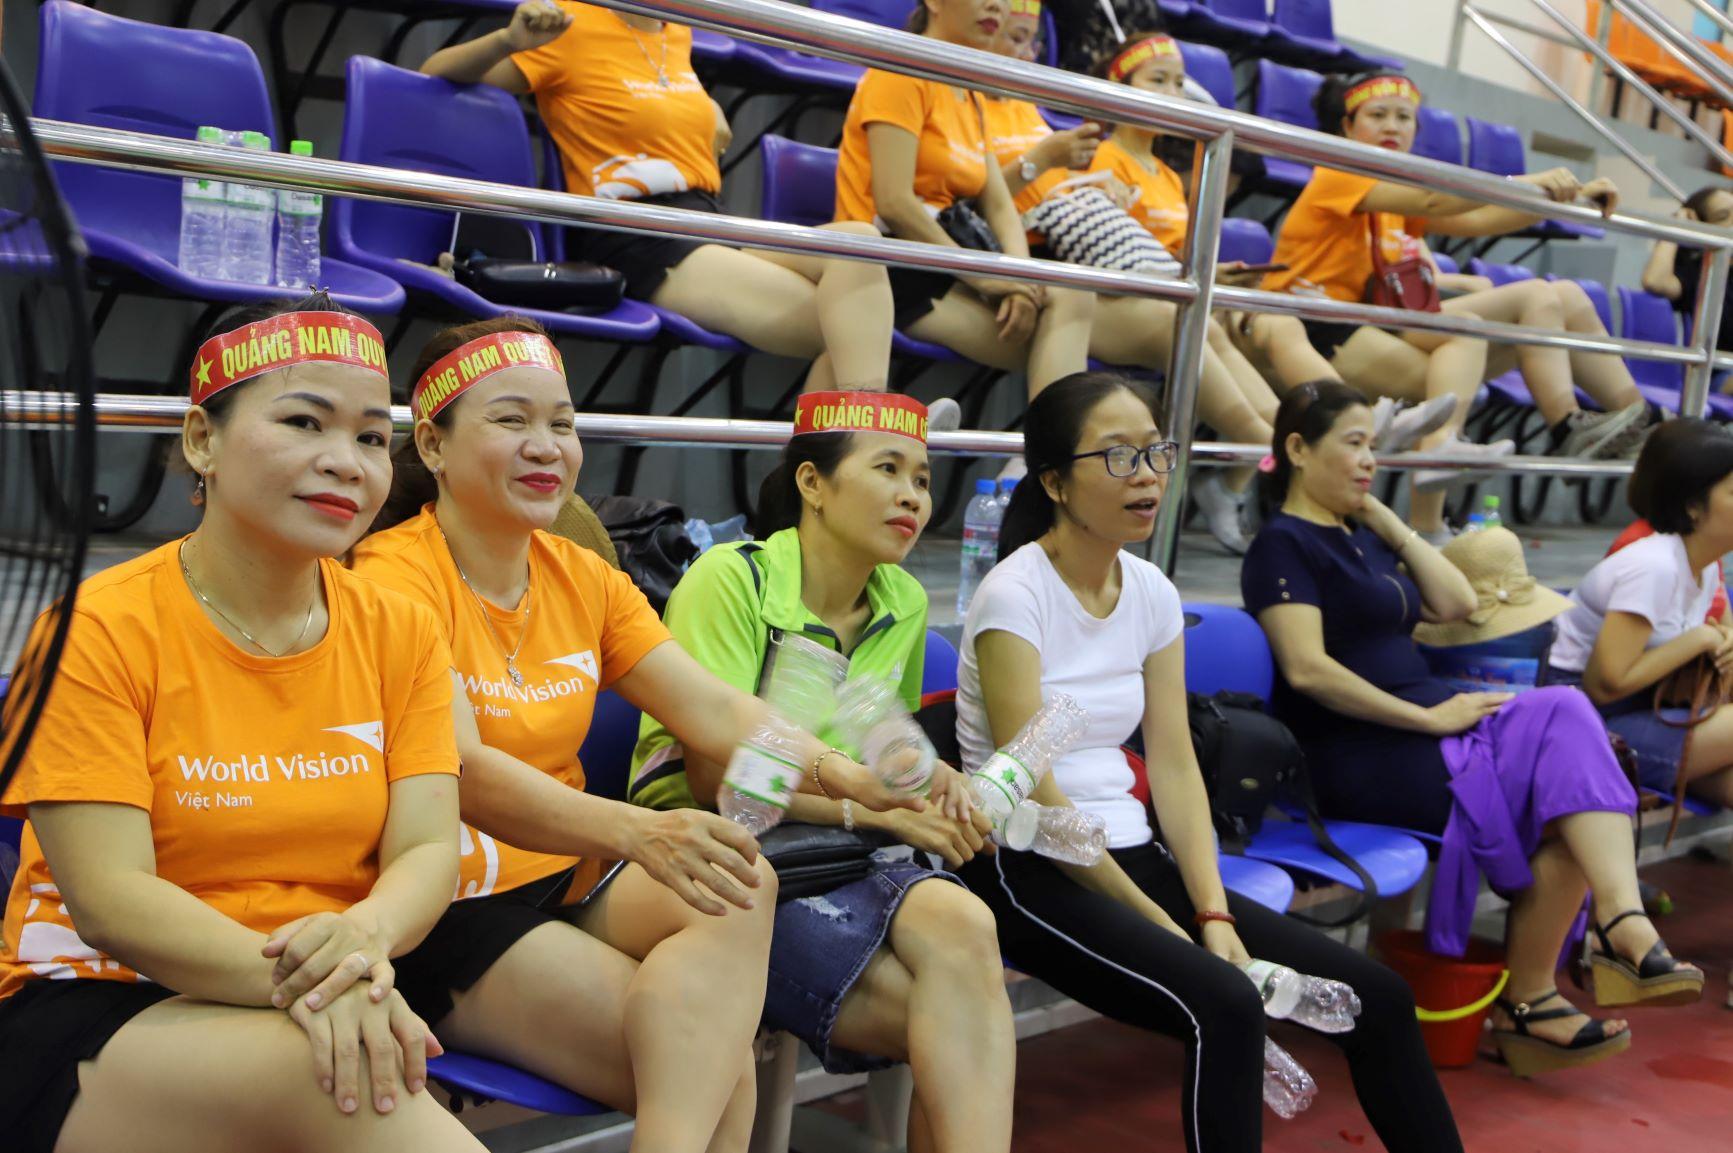 Những nữ VĐV aerobic mặc áo vàng đến từ Bắc Ninh, ngay sau khi hoàn thành phần thi của mình đã vội vàng chạy sang nhà thi đấu bên cạnh để cổ vũ cho các đồng đội đang thi đấu bóng chuyền. Sự cổ vũ của các khán giả kiêm VĐV khiến không khí thi đấu thêm phần khuấy động